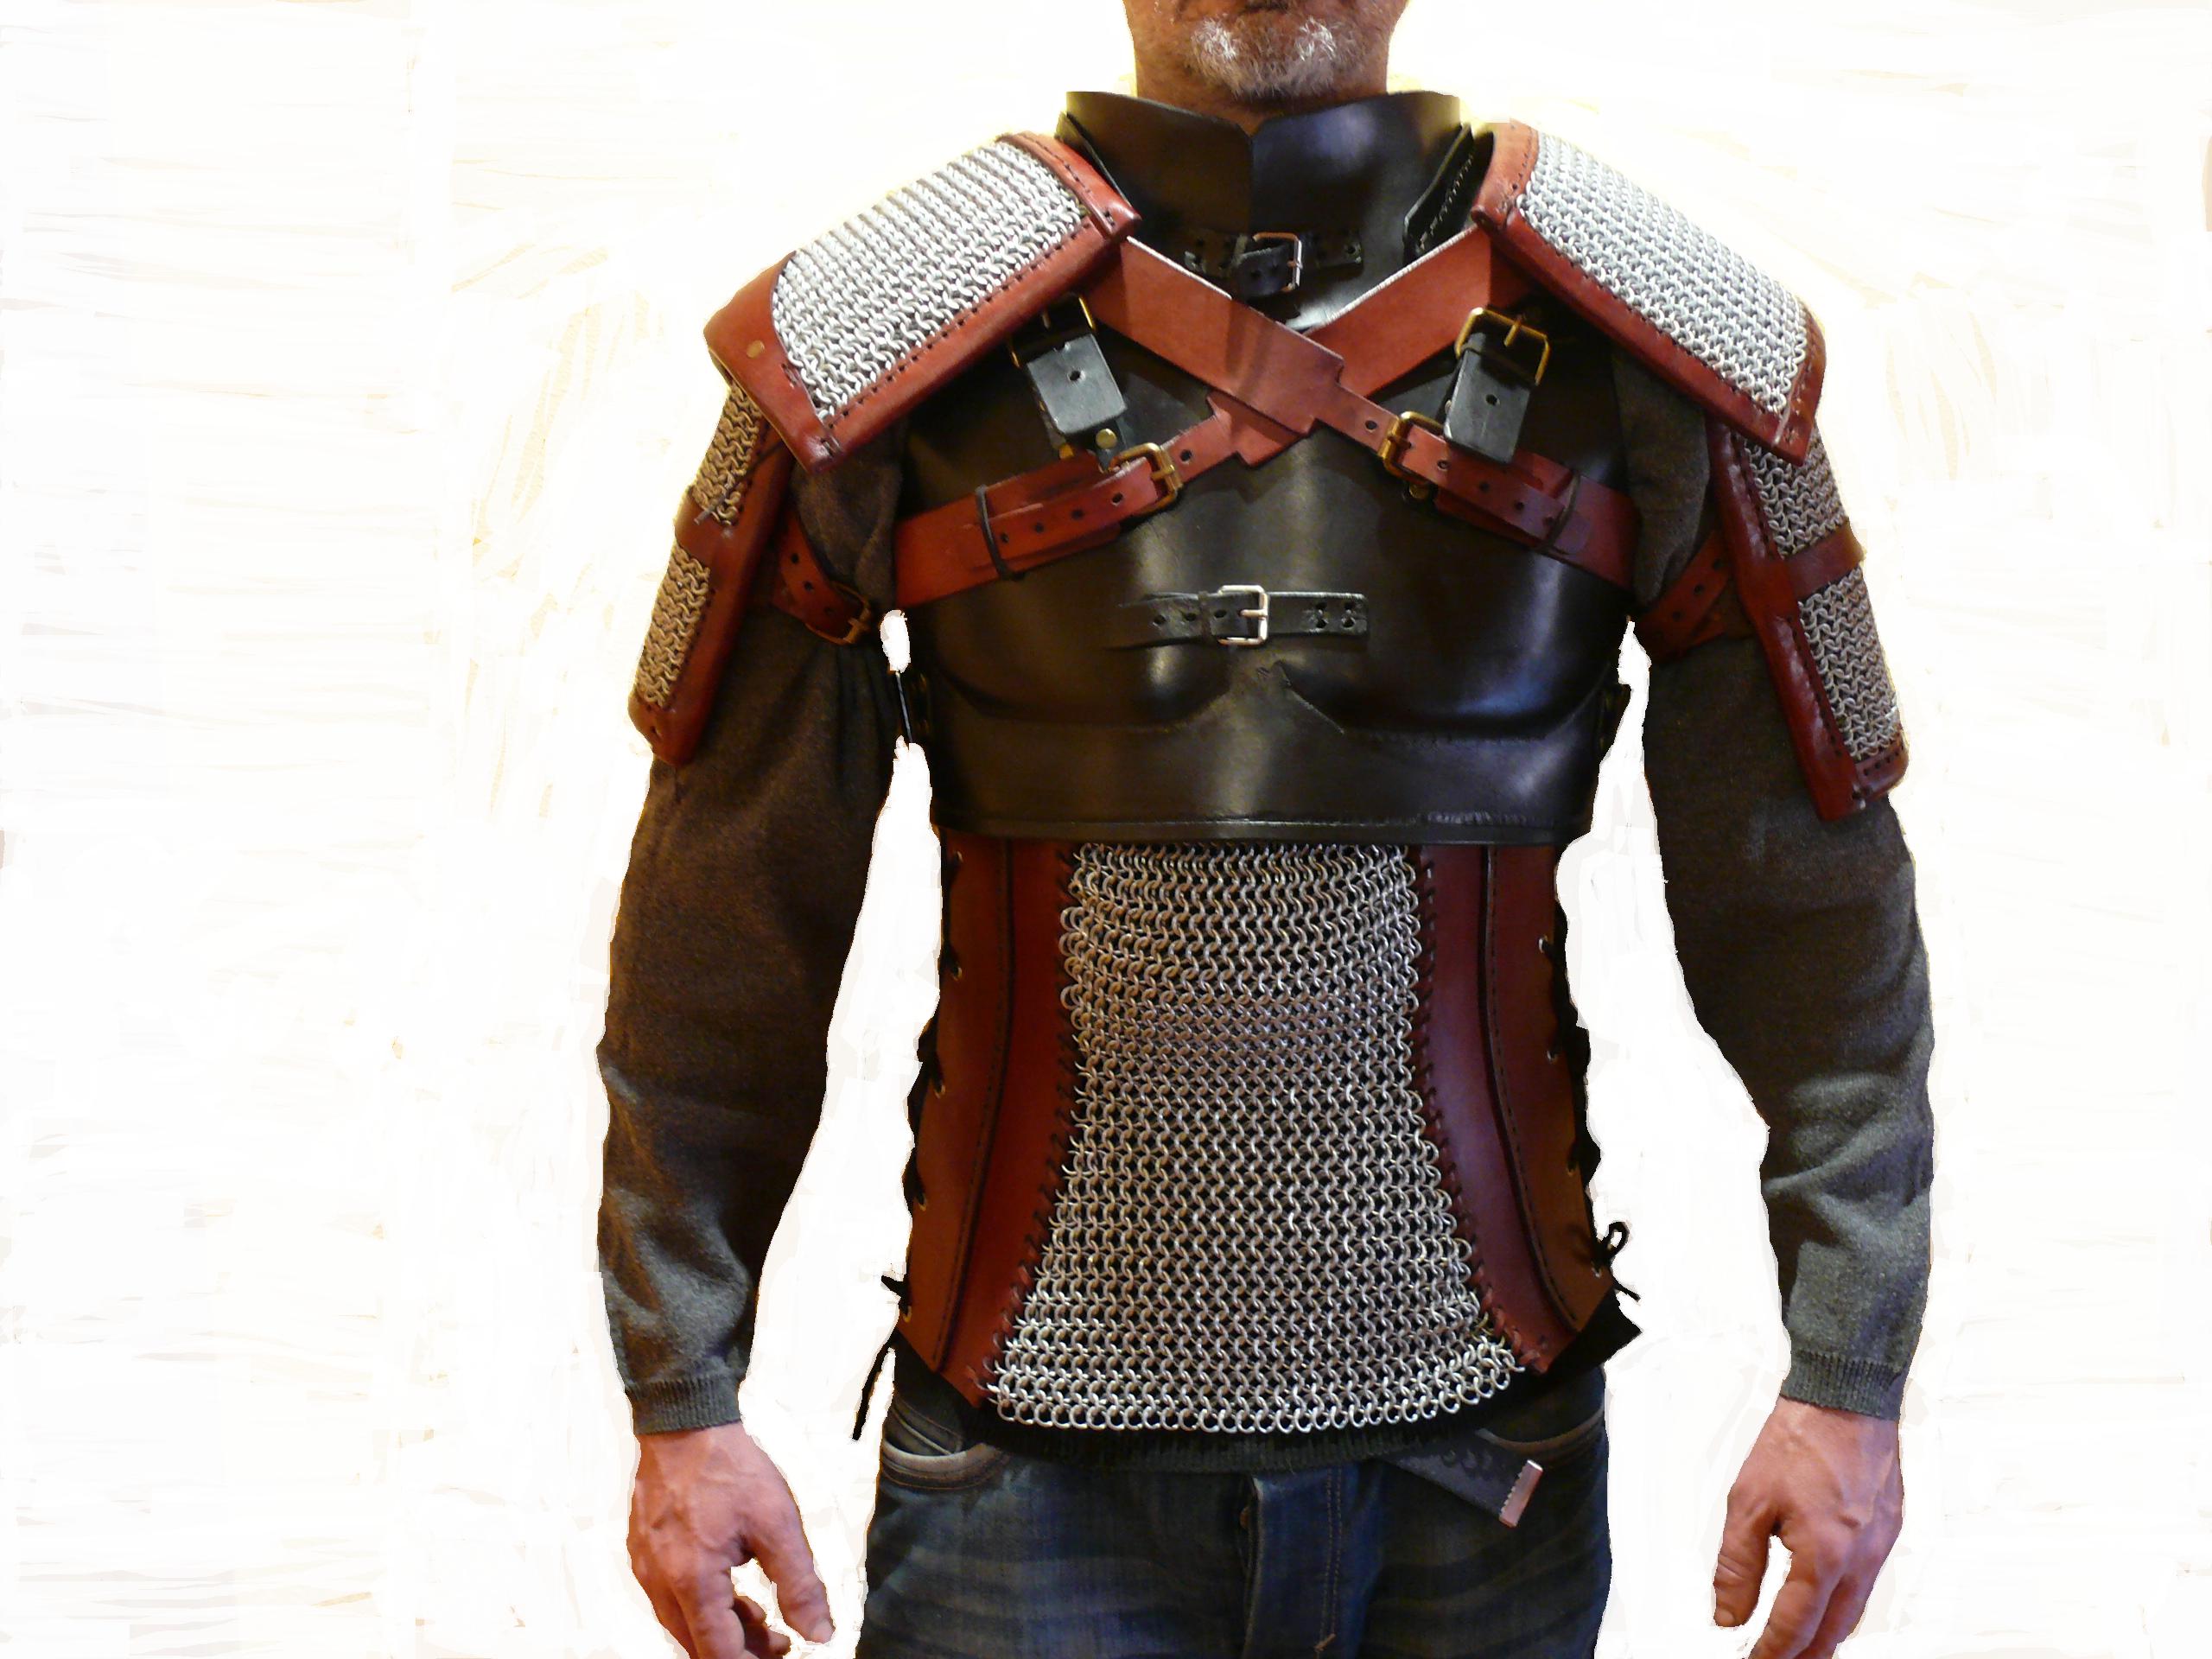 Realizada Armadura Rivia Witcher En De Geralt Cuero 3 Anillas Y QshdrxtC